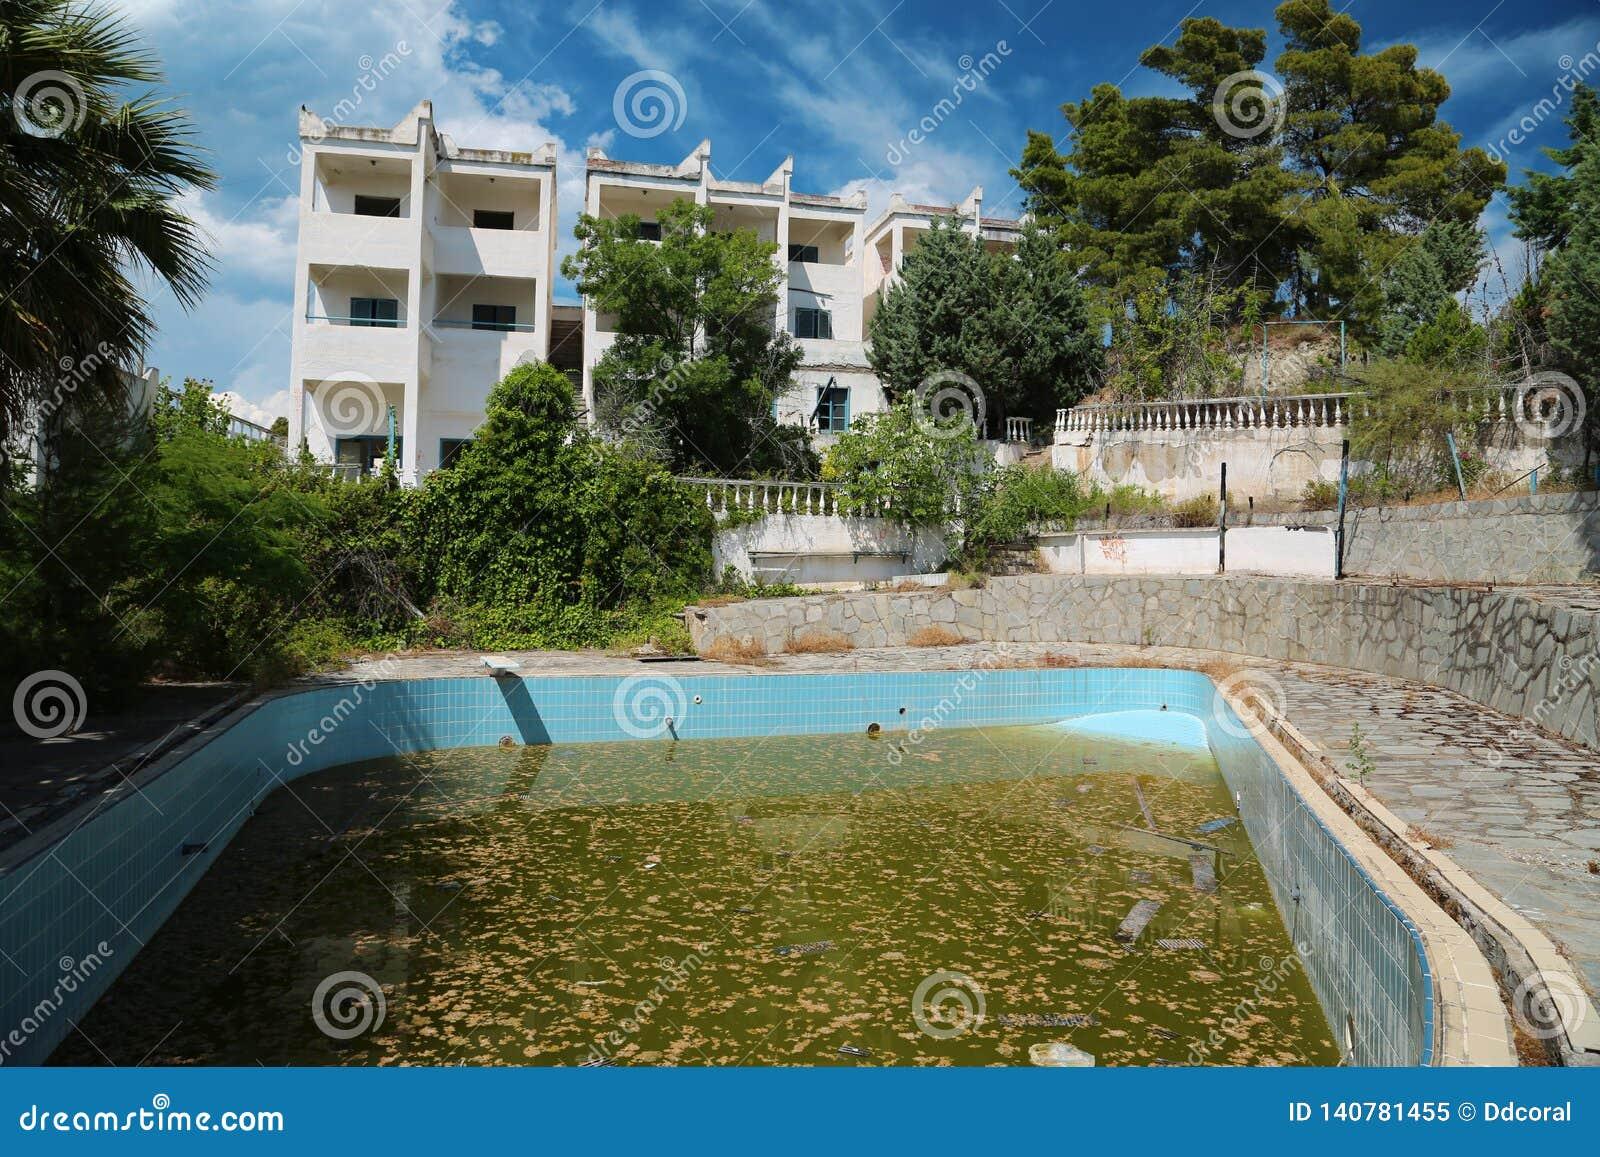 Abandoned Hotel Stock Image Image Of Construction Design 140781455